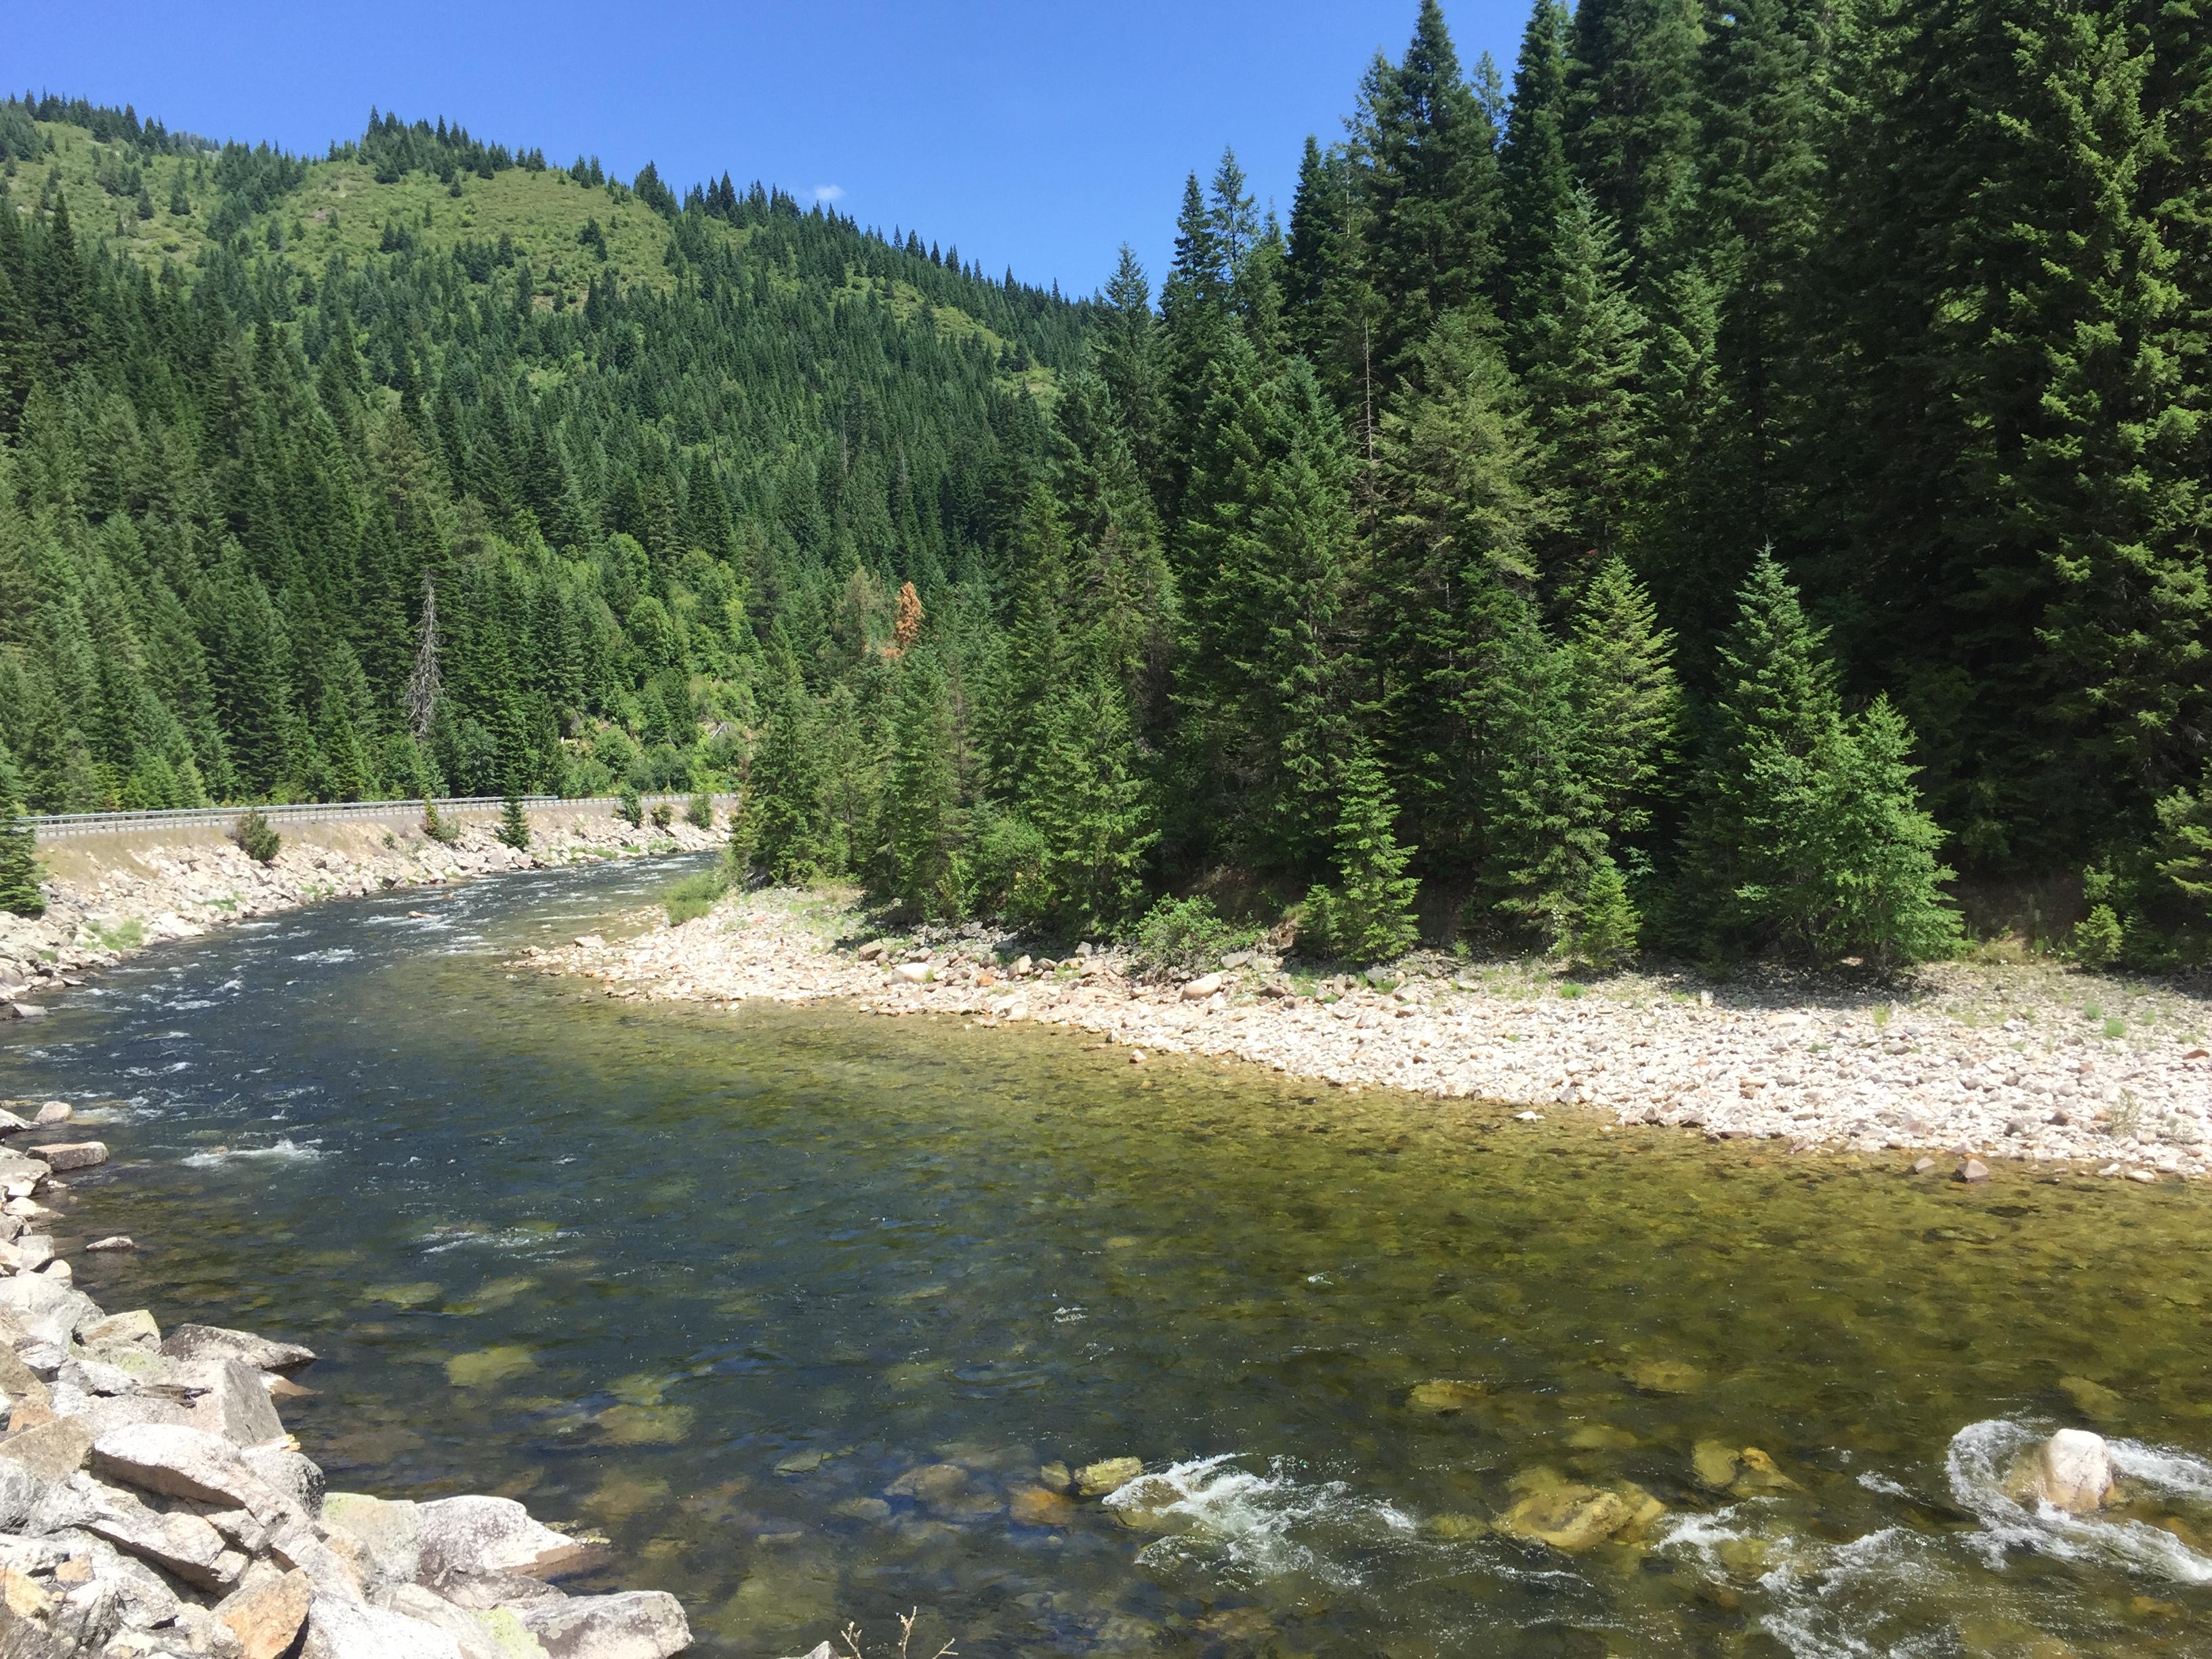 Peter river